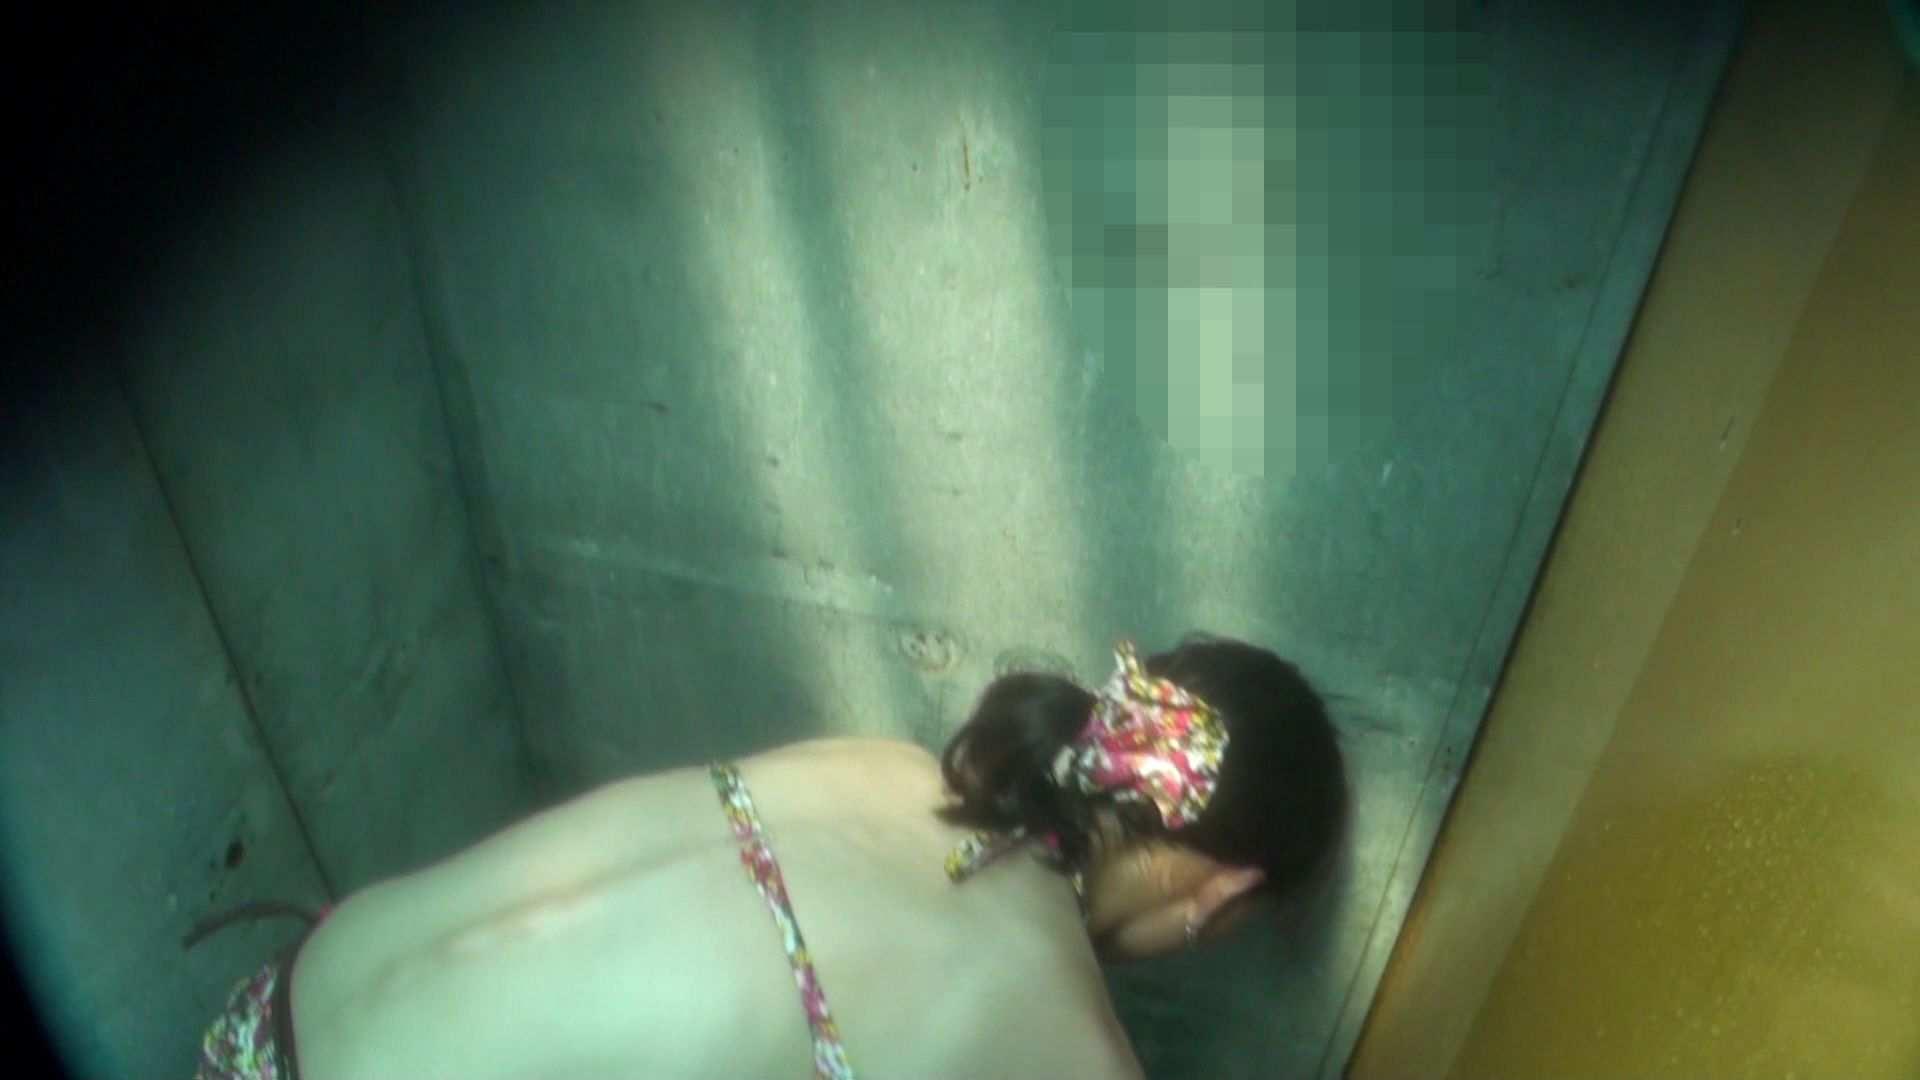 シャワールームは超!!危険な香りVol.16 意外に乳首は年増のそれ 乳首ポロリ | OLセックス  108画像 105